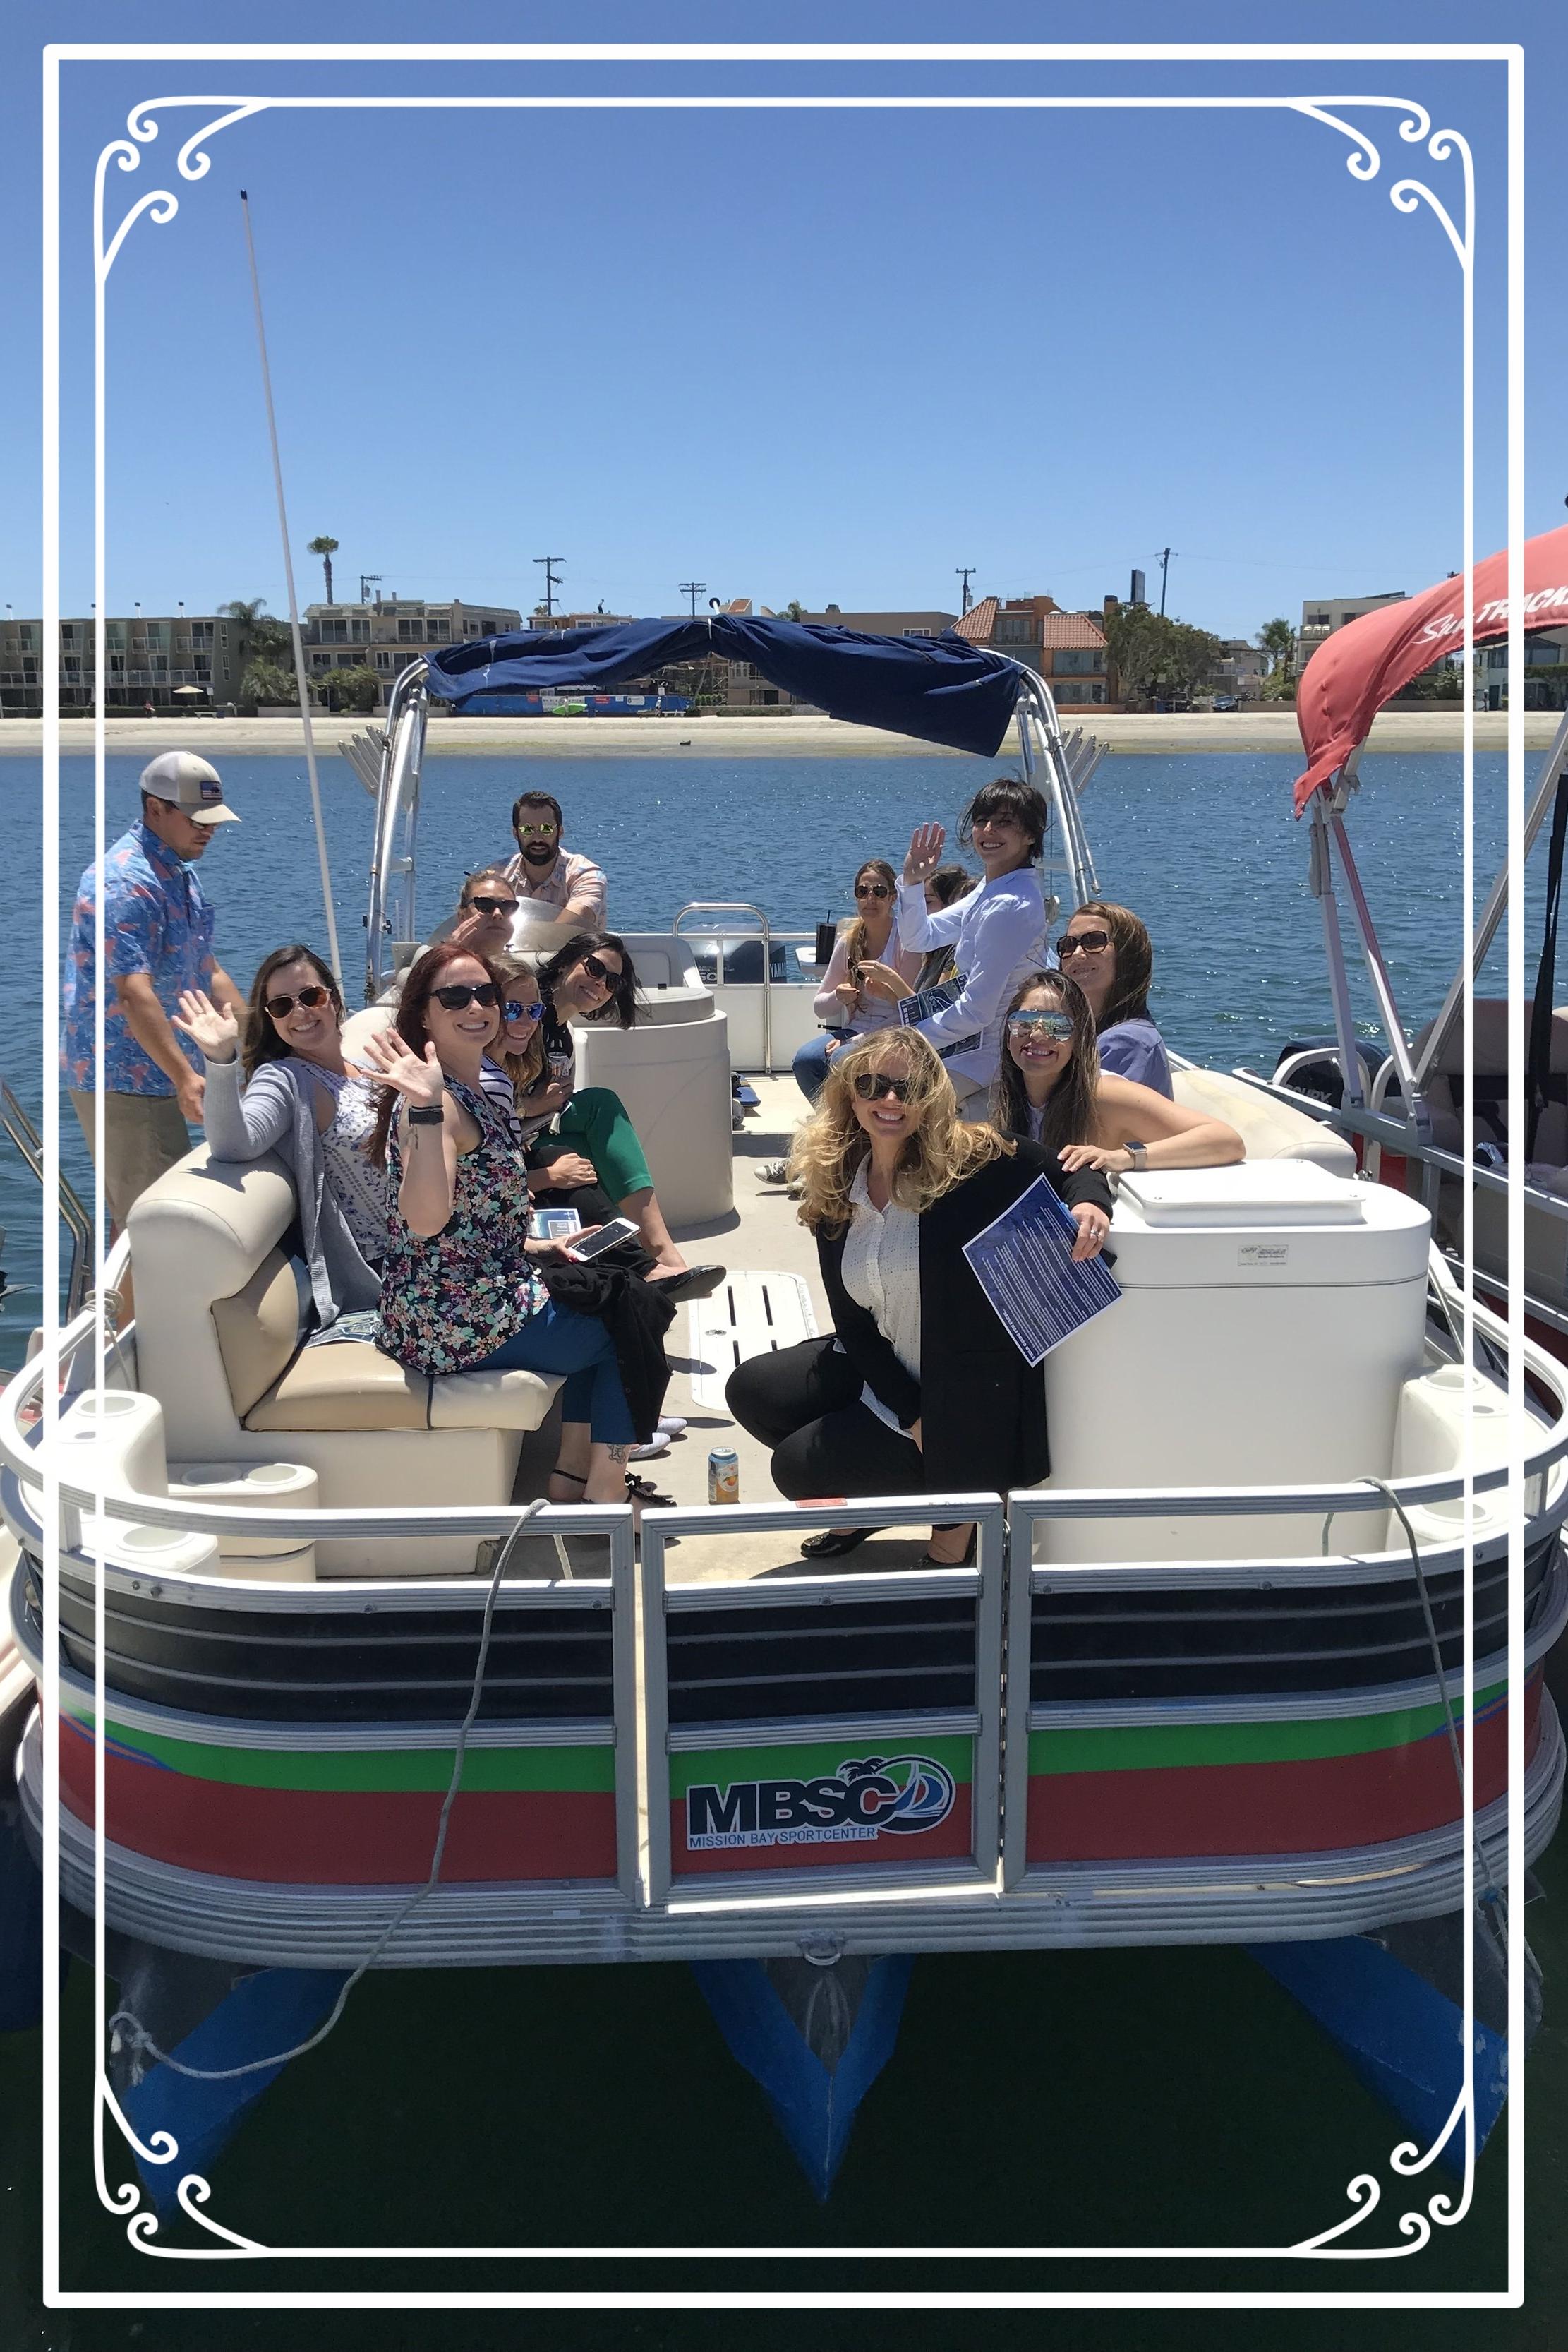 Pontoon boat scavenger hunt in San Diego